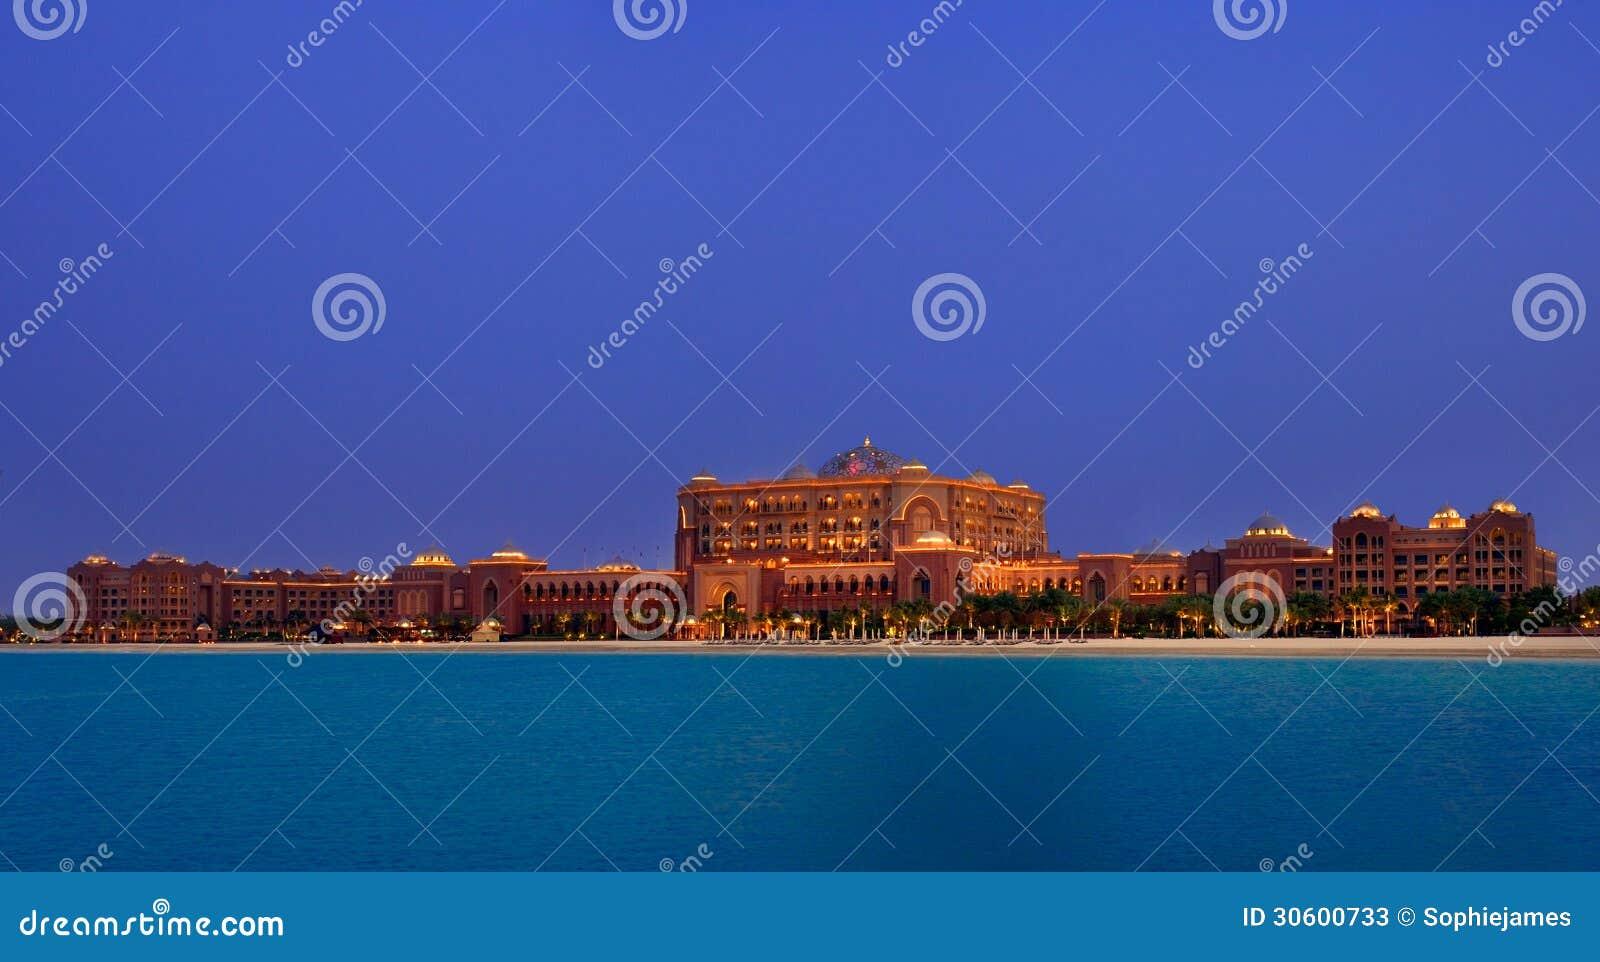 Hotel do palácio dos emirados, o hotel o mais exclusivo de Abu Dhabi